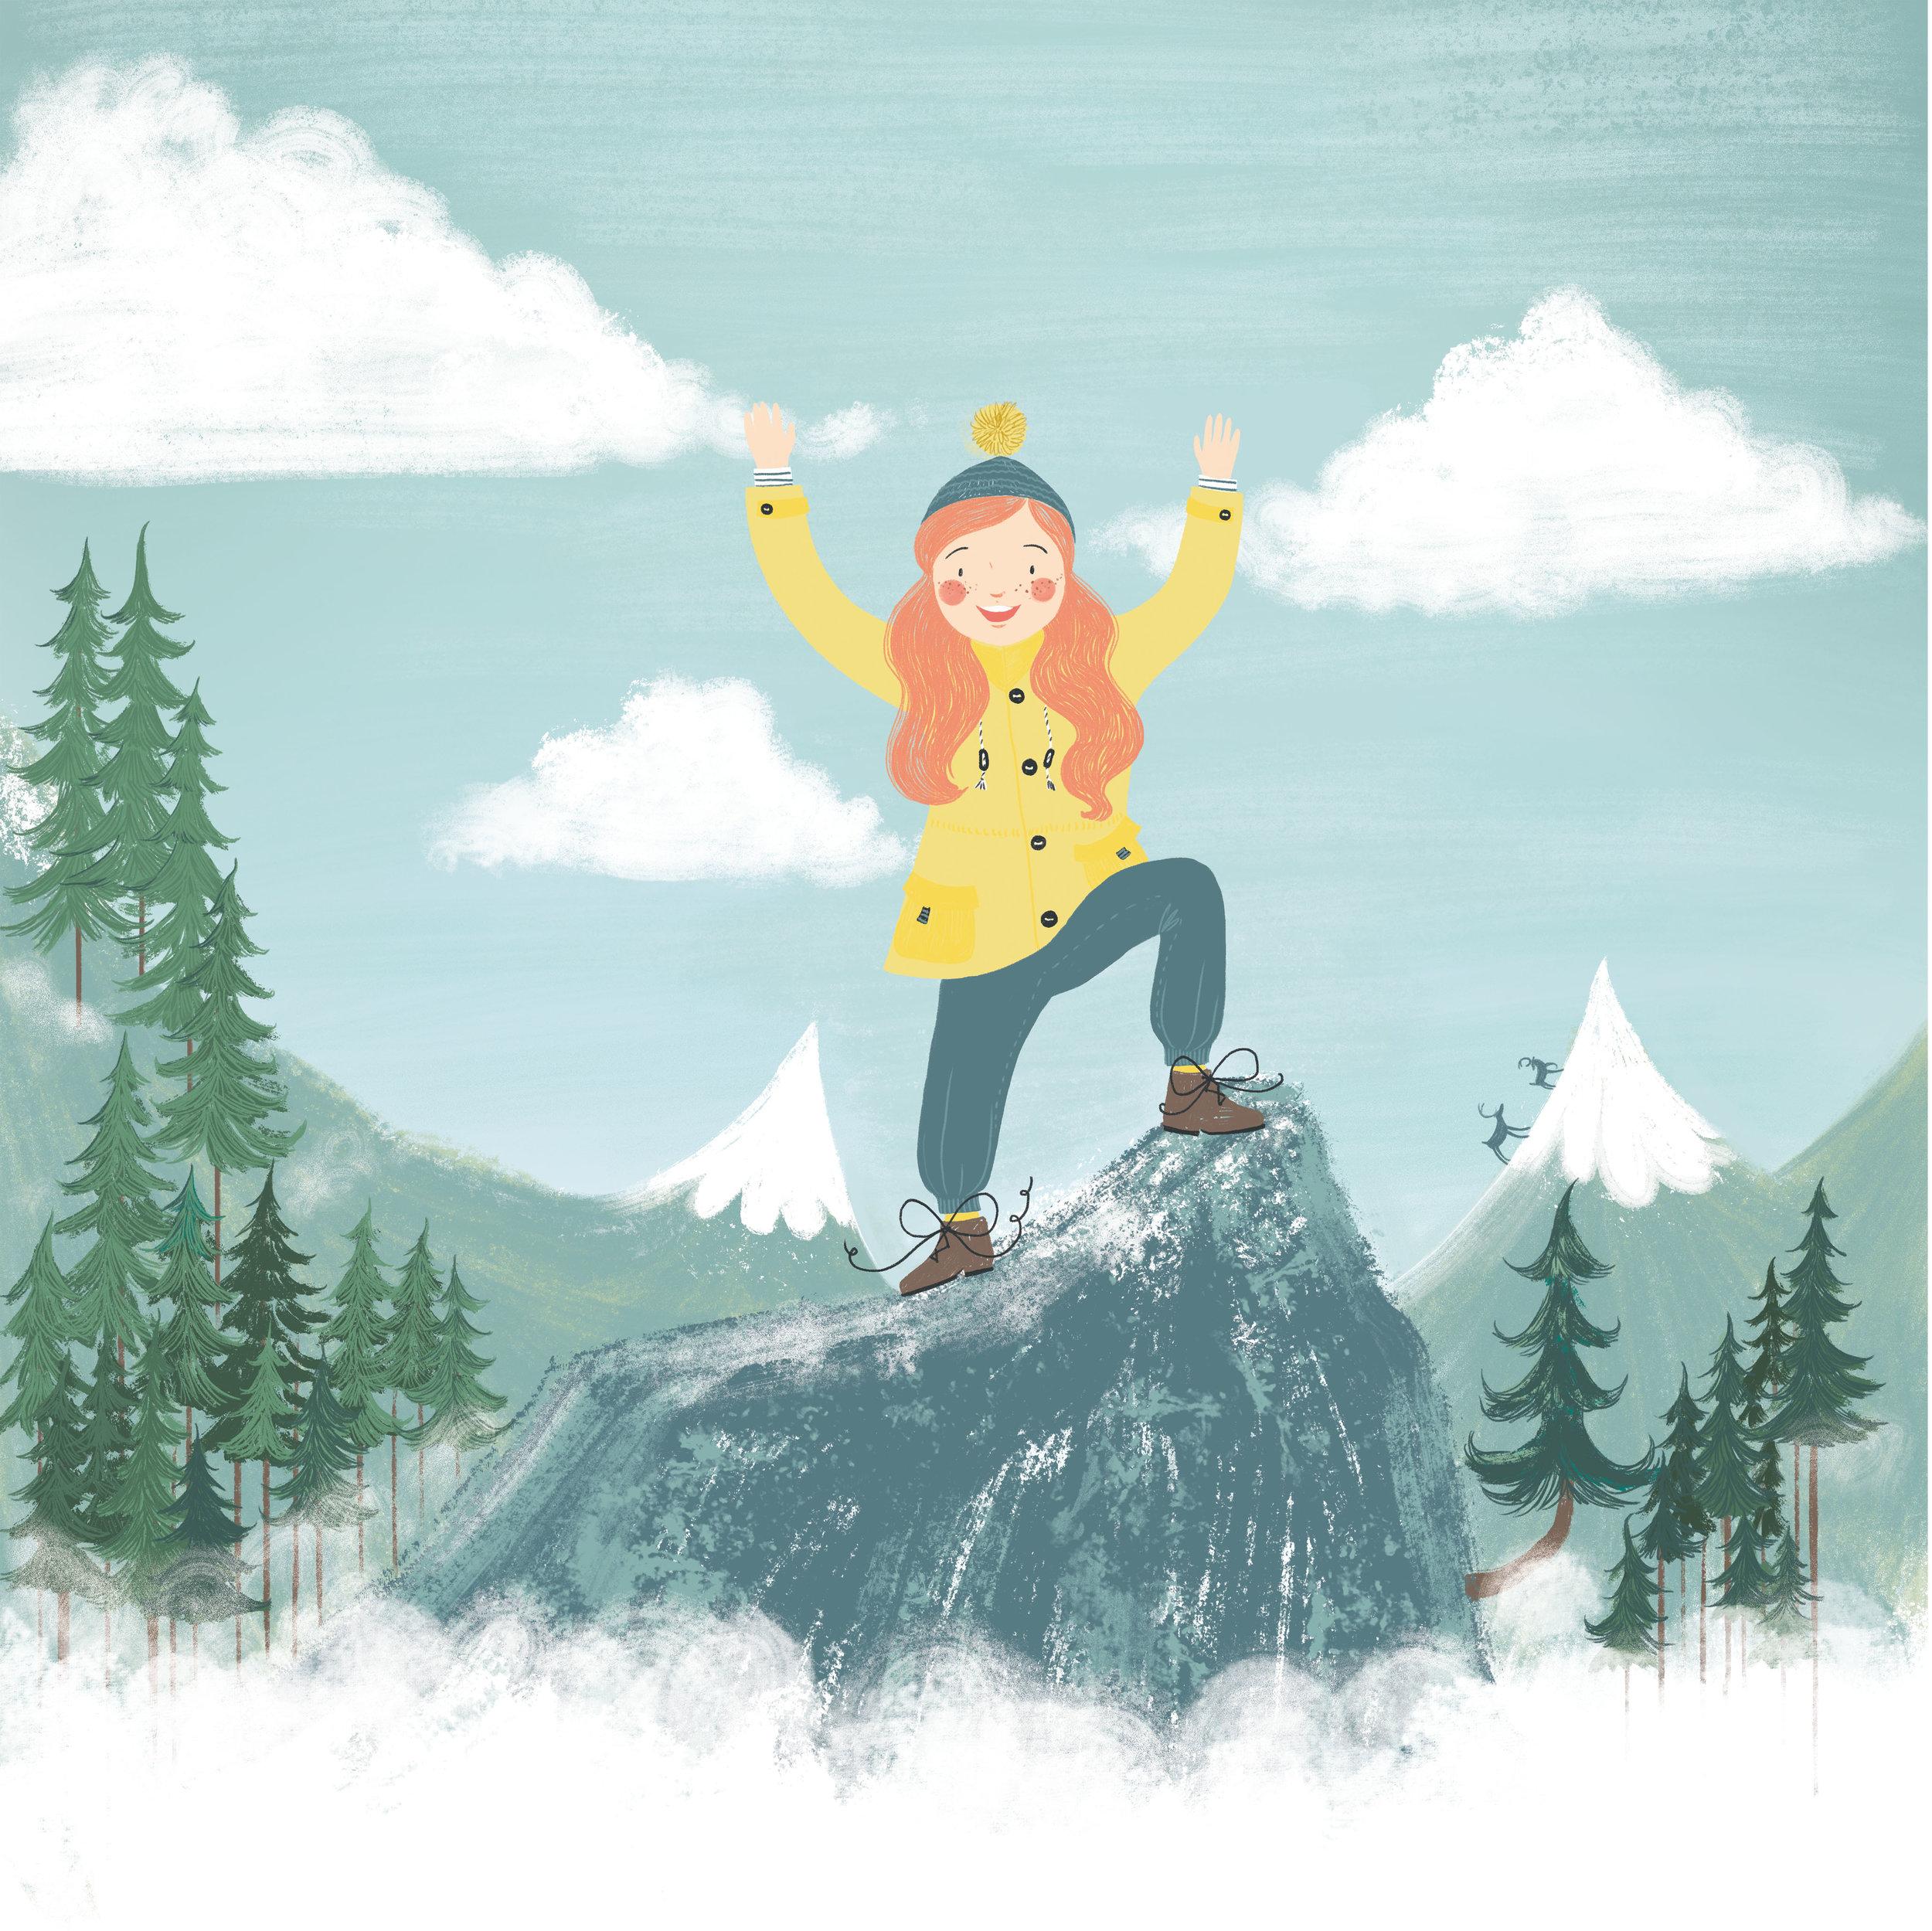 lottie on the mountain.jpg